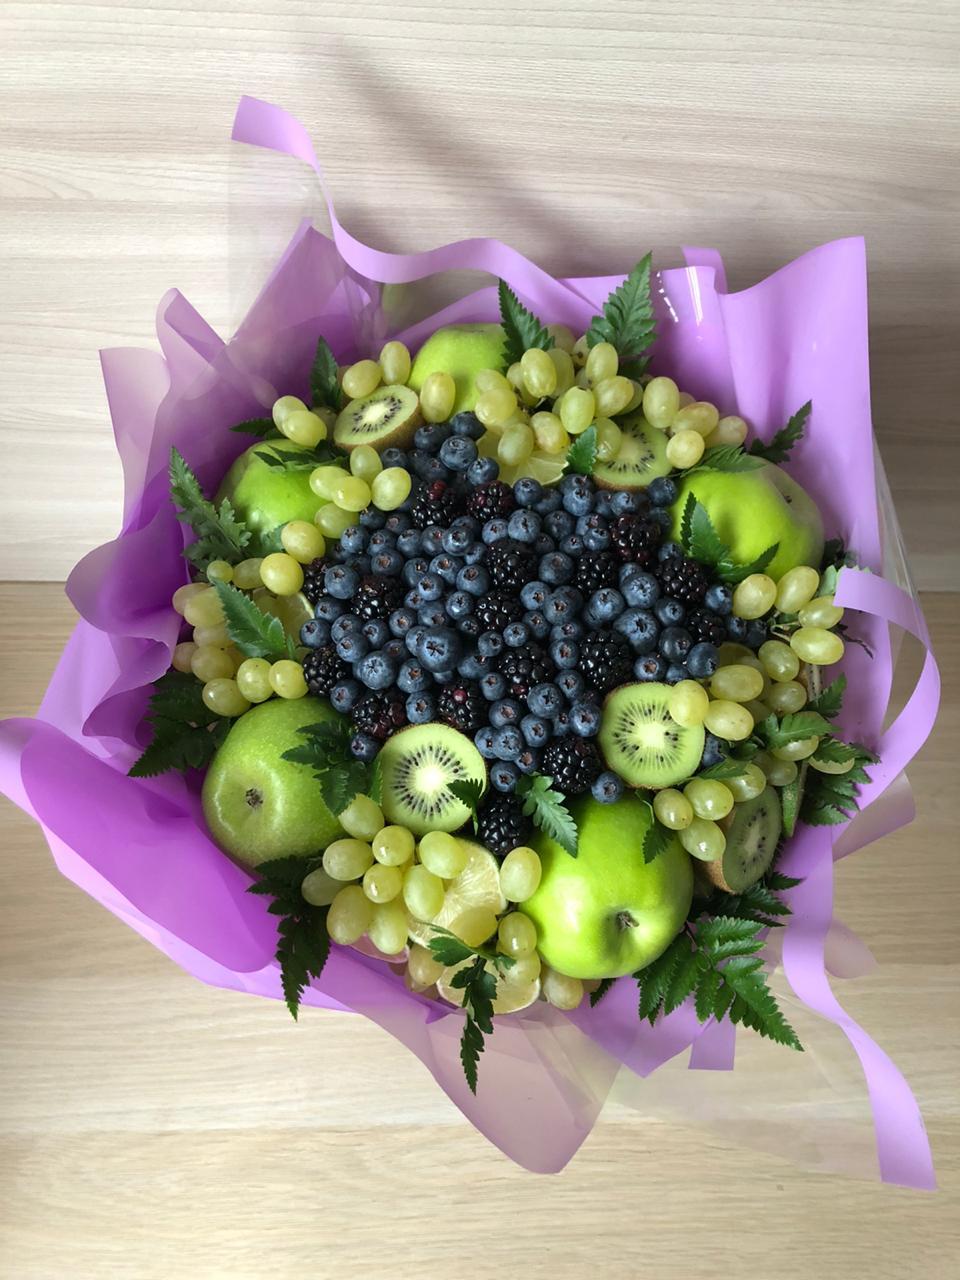 Фруктовый букет с яблоками, киви и виноградом